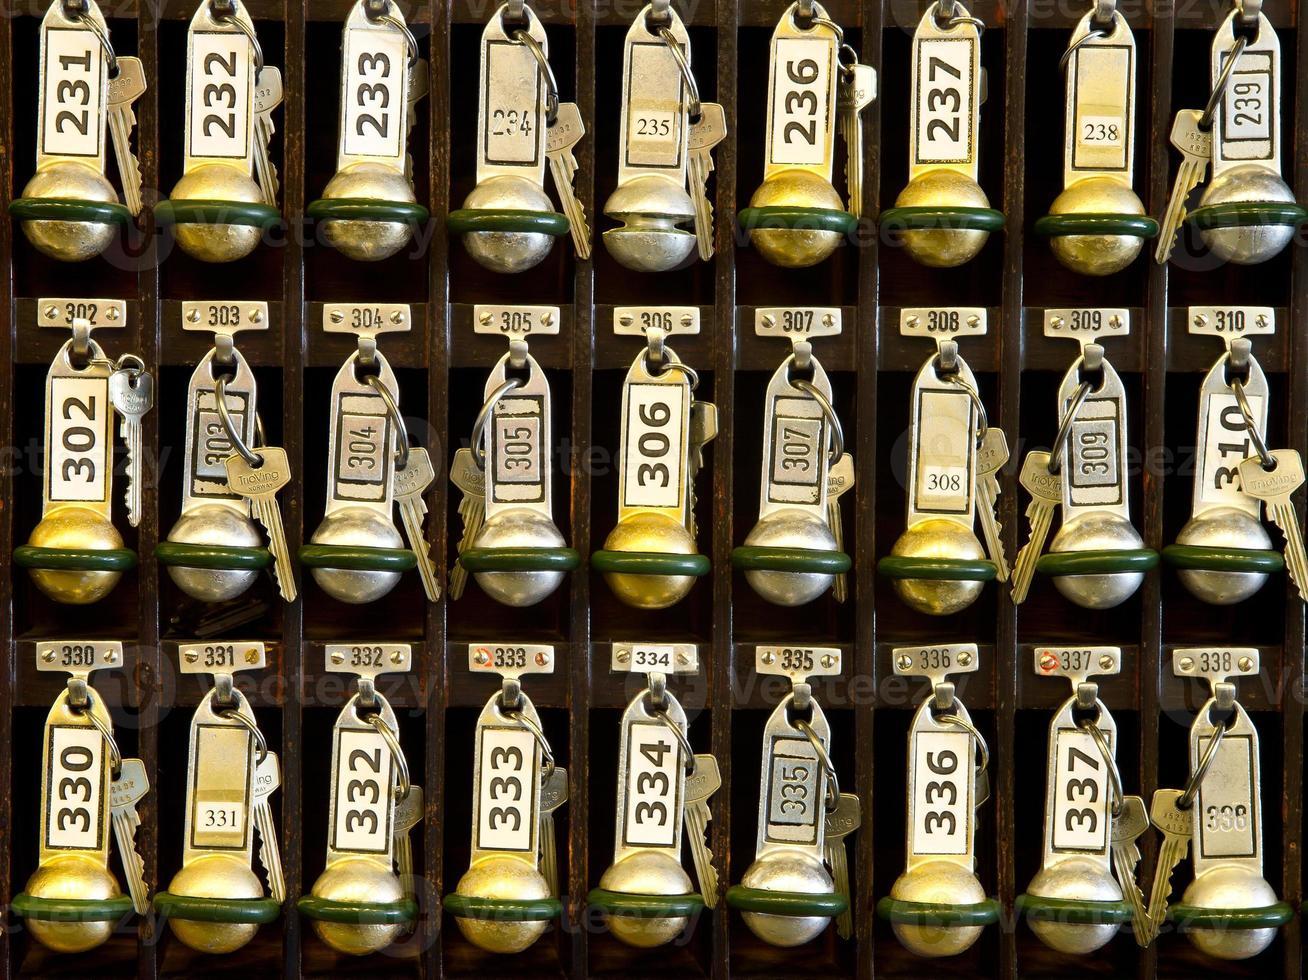 Schlüsselregal für Hotelrezeption. foto